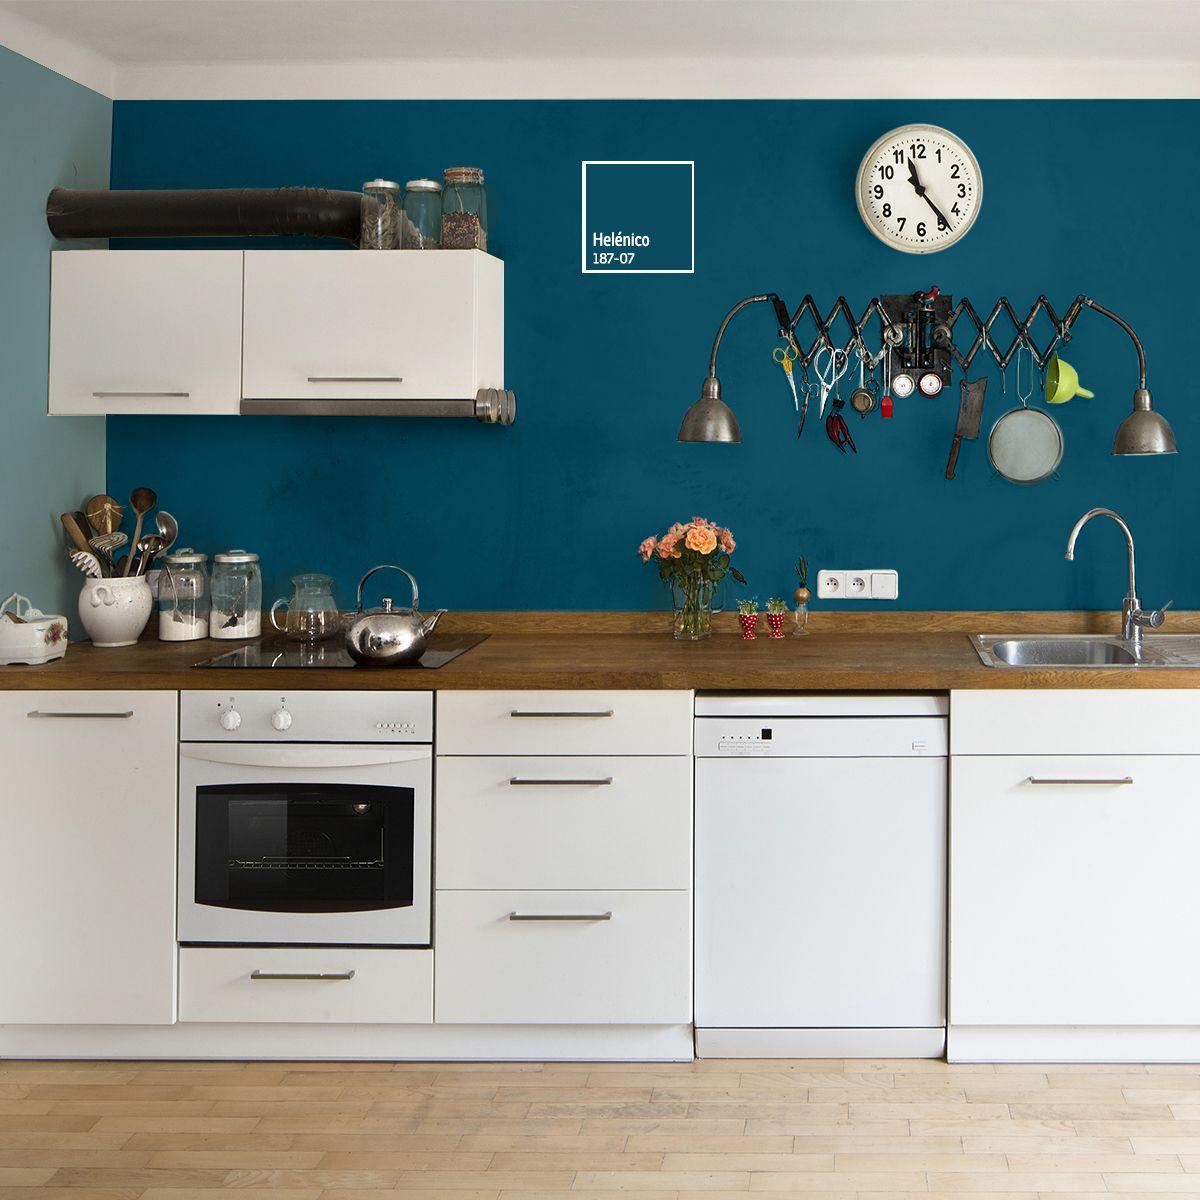 Innenfarbe im haus los azules en tonalidades saturadas regulan la luz son ideales para